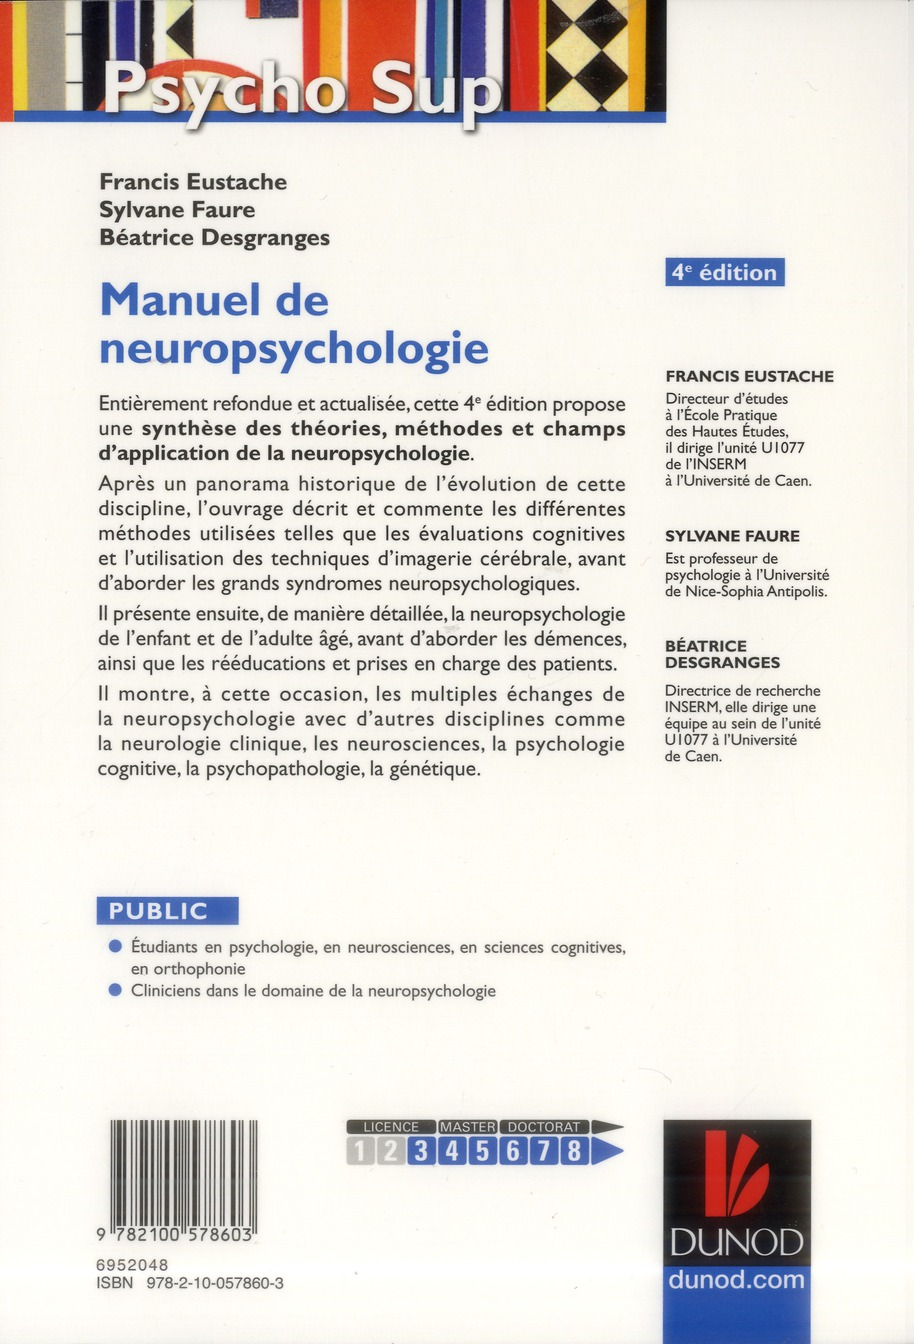 Manuel de neuropsychologie (4e édition)